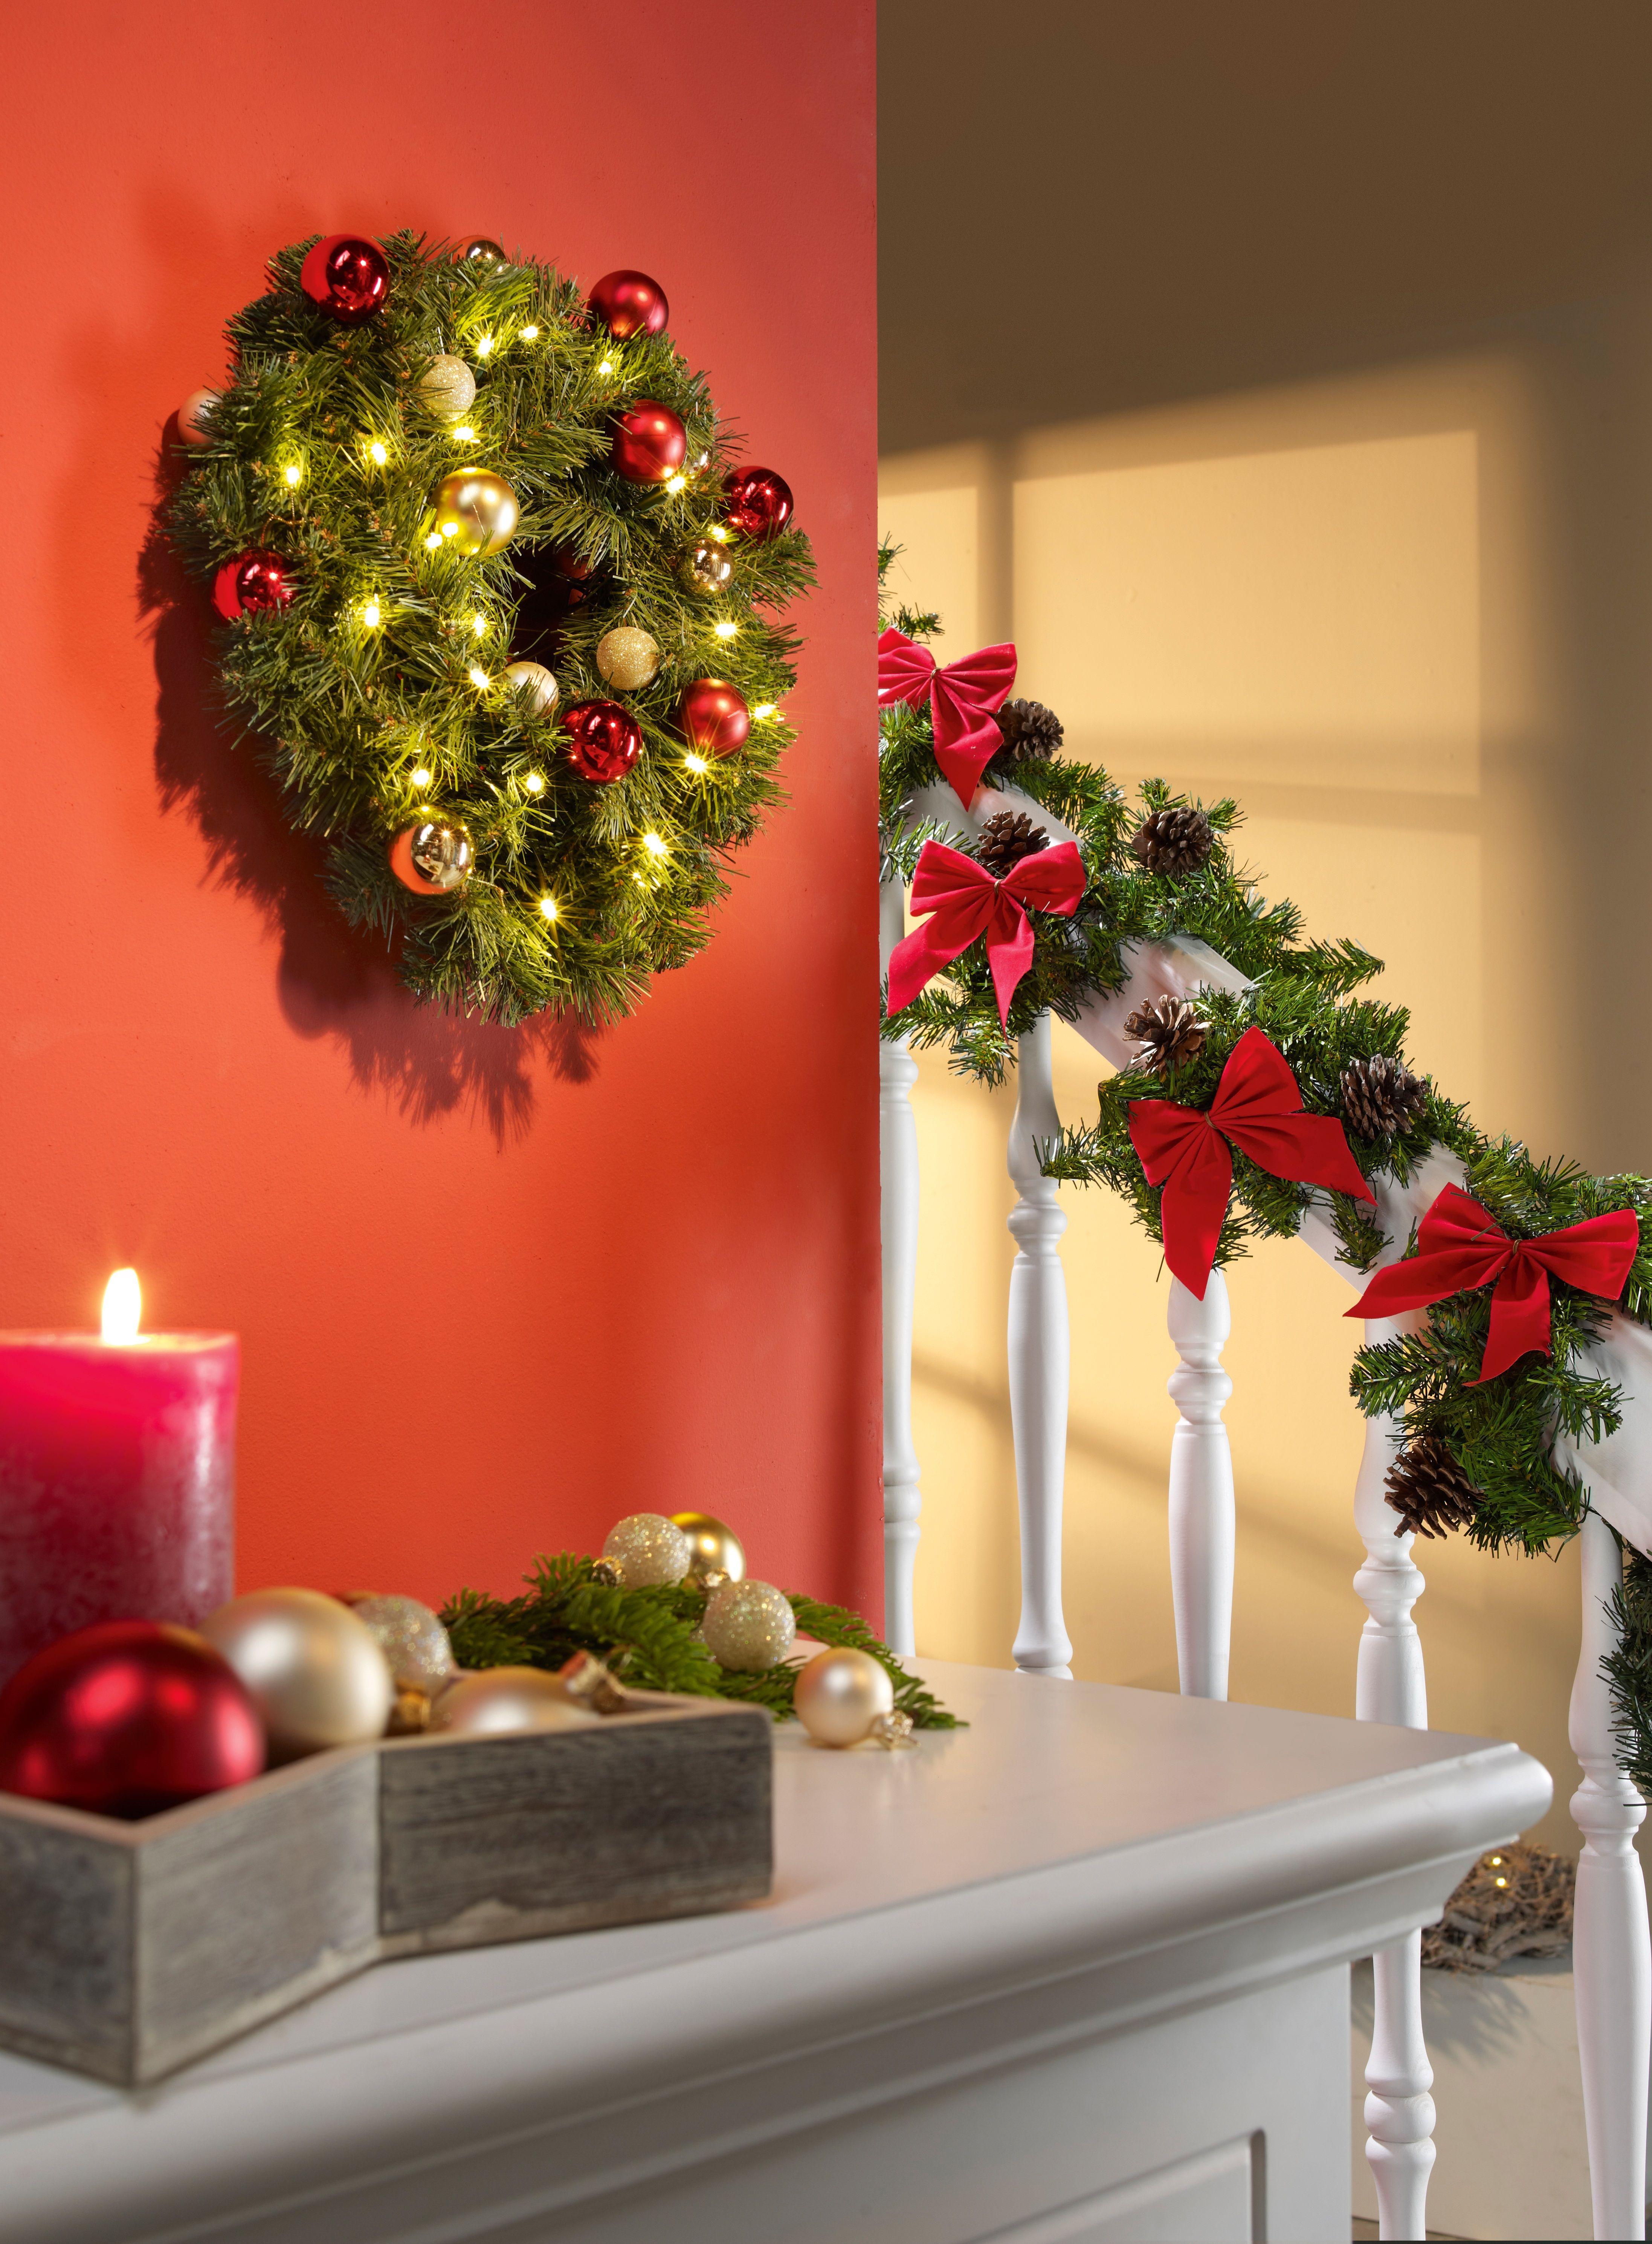 Macht es euch zuhause gem tlich weihnachtsdeko xmas - Obi weihnachtsdeko ...